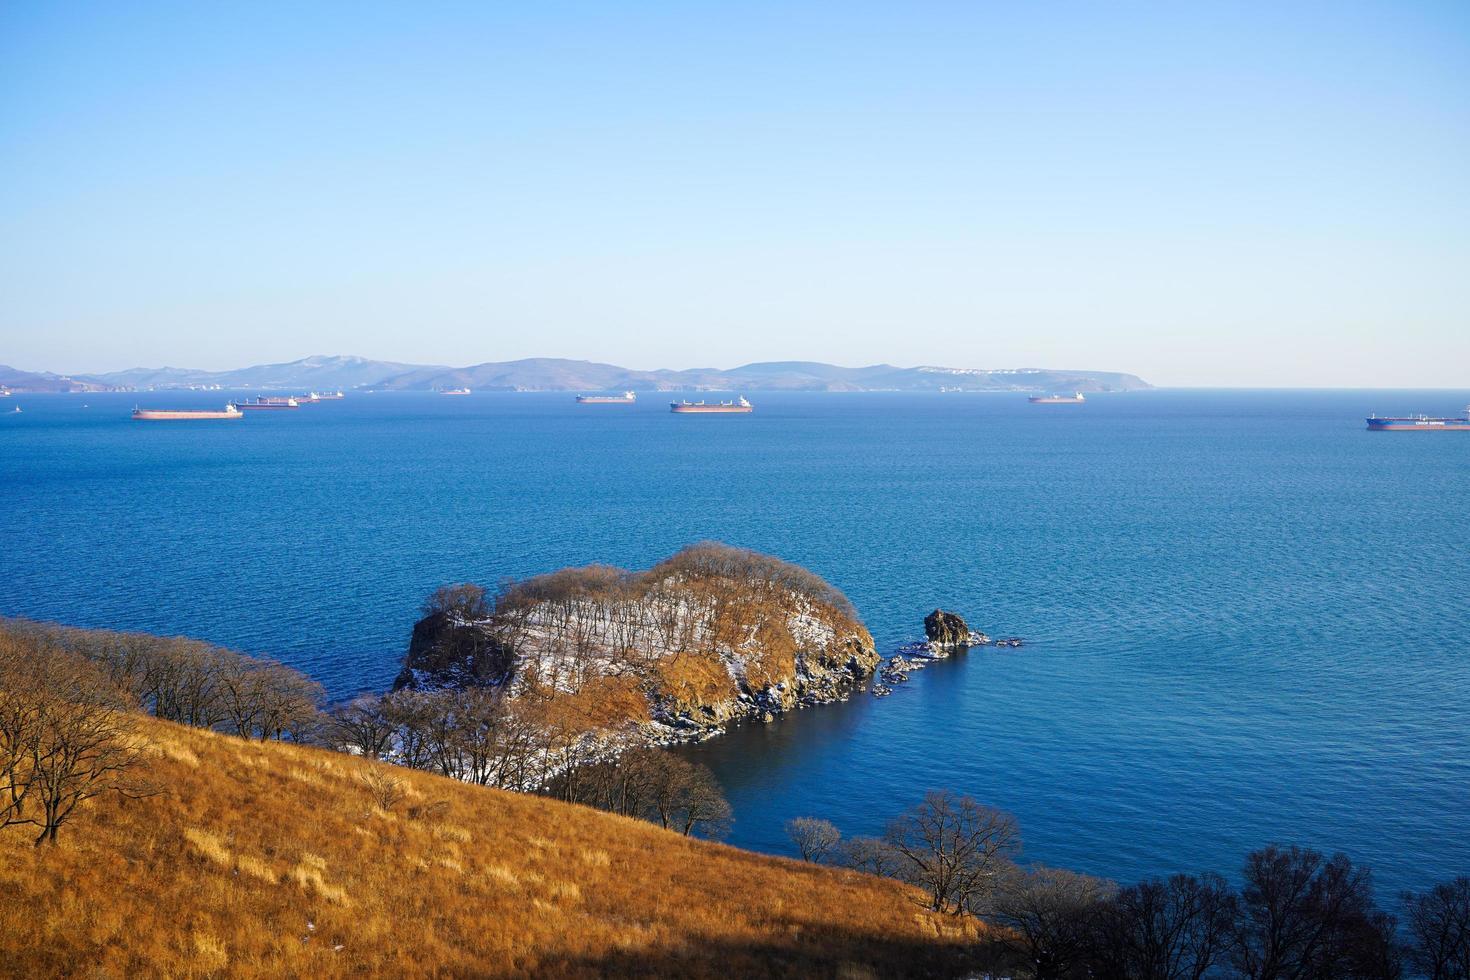 vista sul mare con vista sulla baia di Nakhodka e sulle navi foto